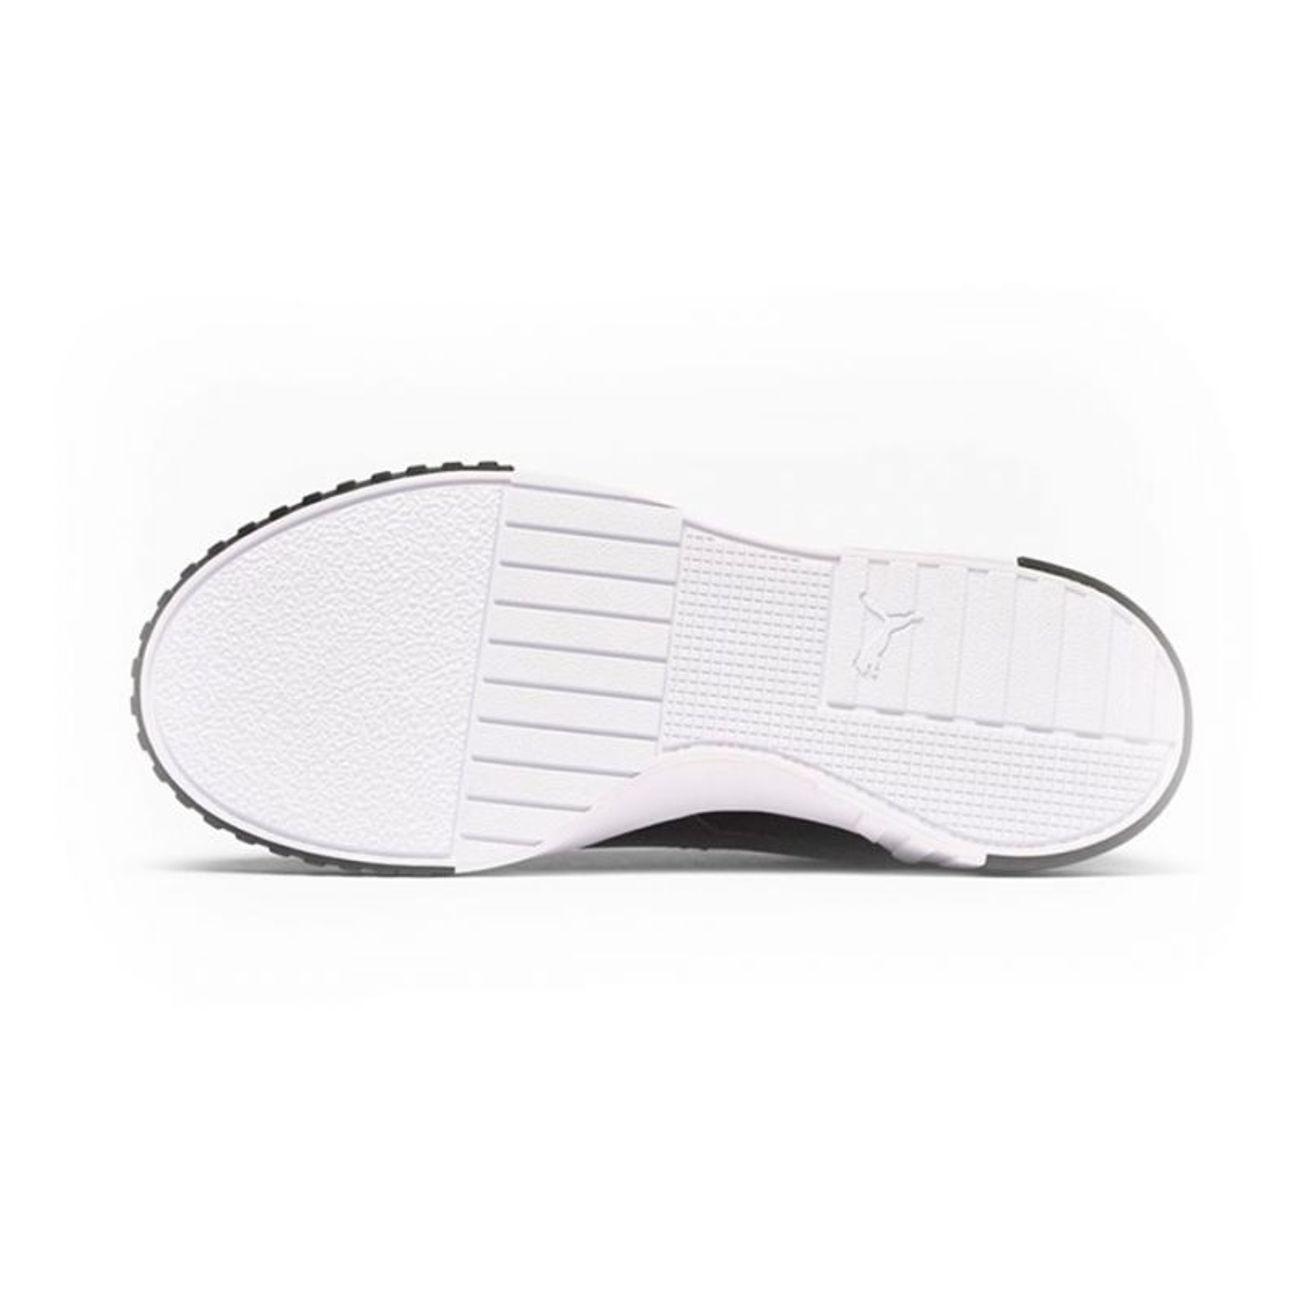 Cali Adulte 369155 Blanc Padel Noir Puma Femme 03 f6Yv7Ibgym